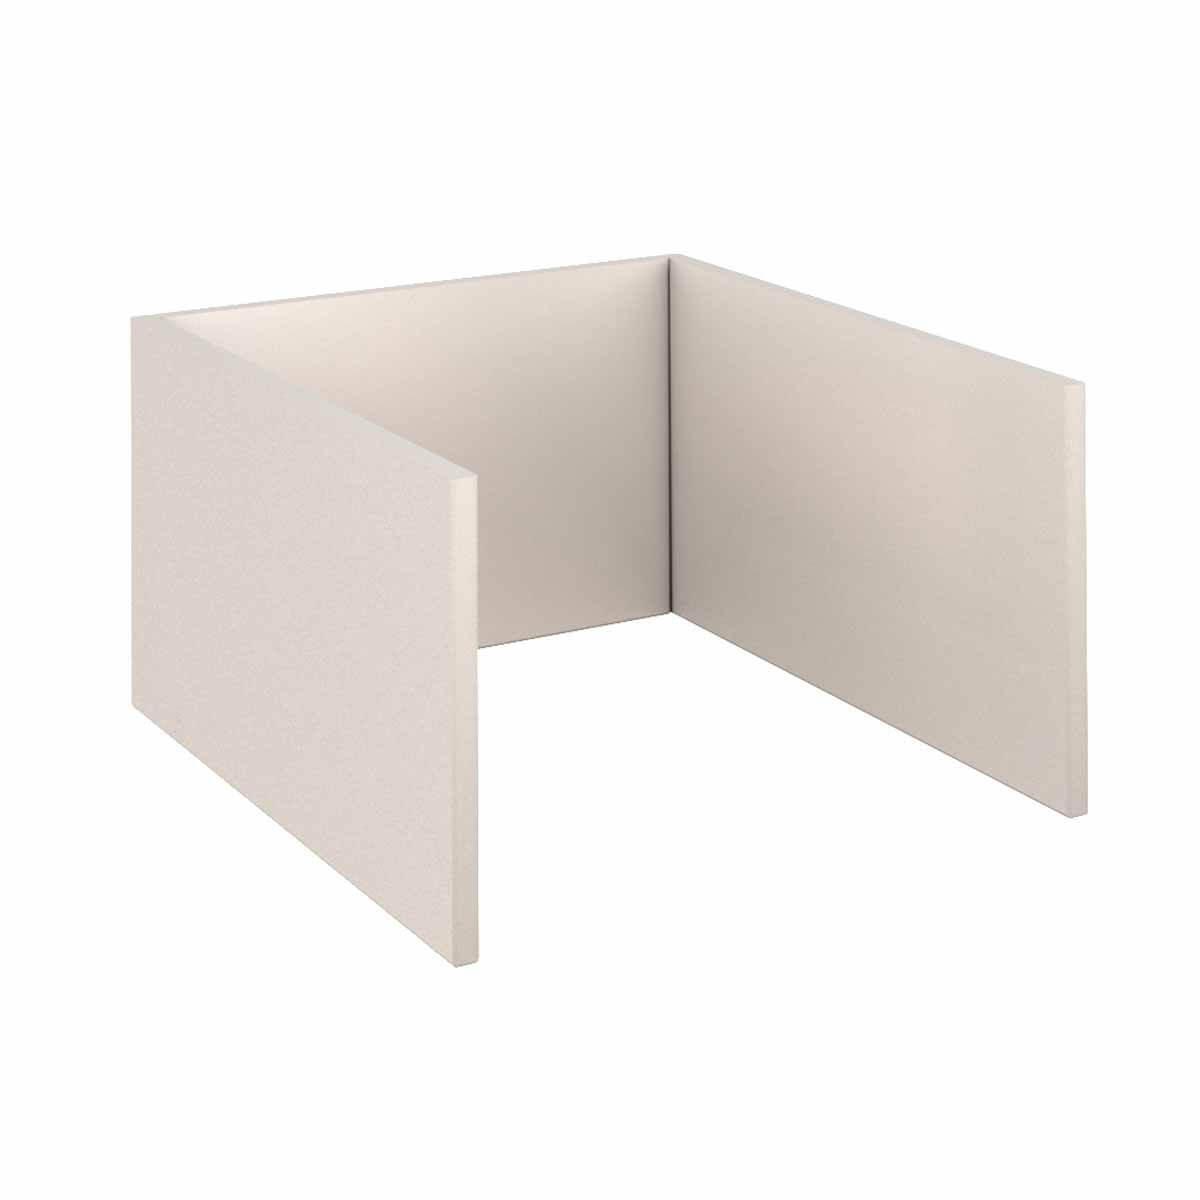 Unterbau Konstruktion Spieltisch KASVA Mdf weiß-lackiert